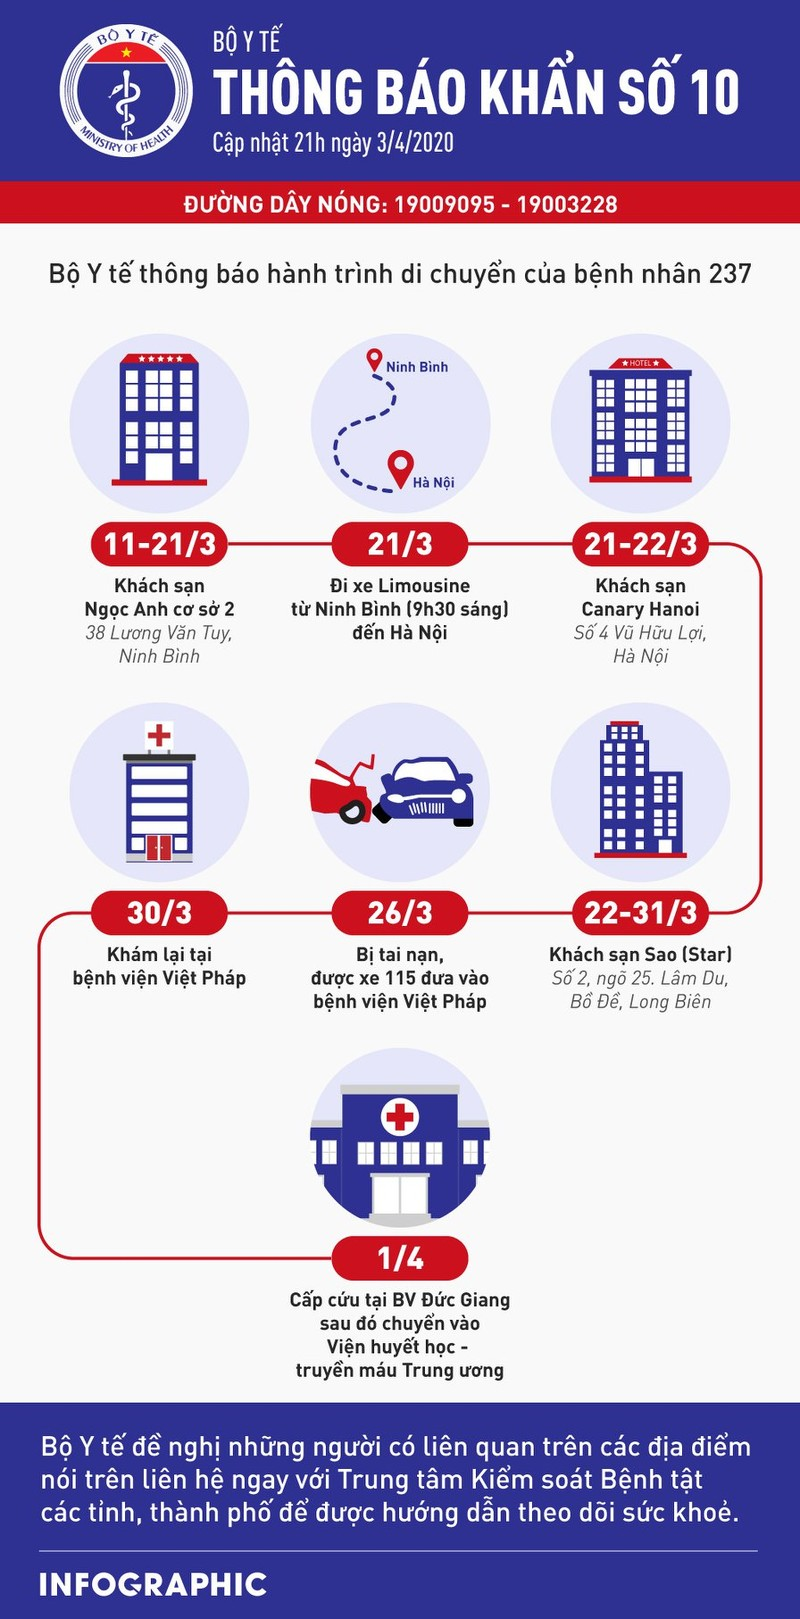 Thông báo khẩn của Bộ Y tế đêm 3-4 - ảnh 1